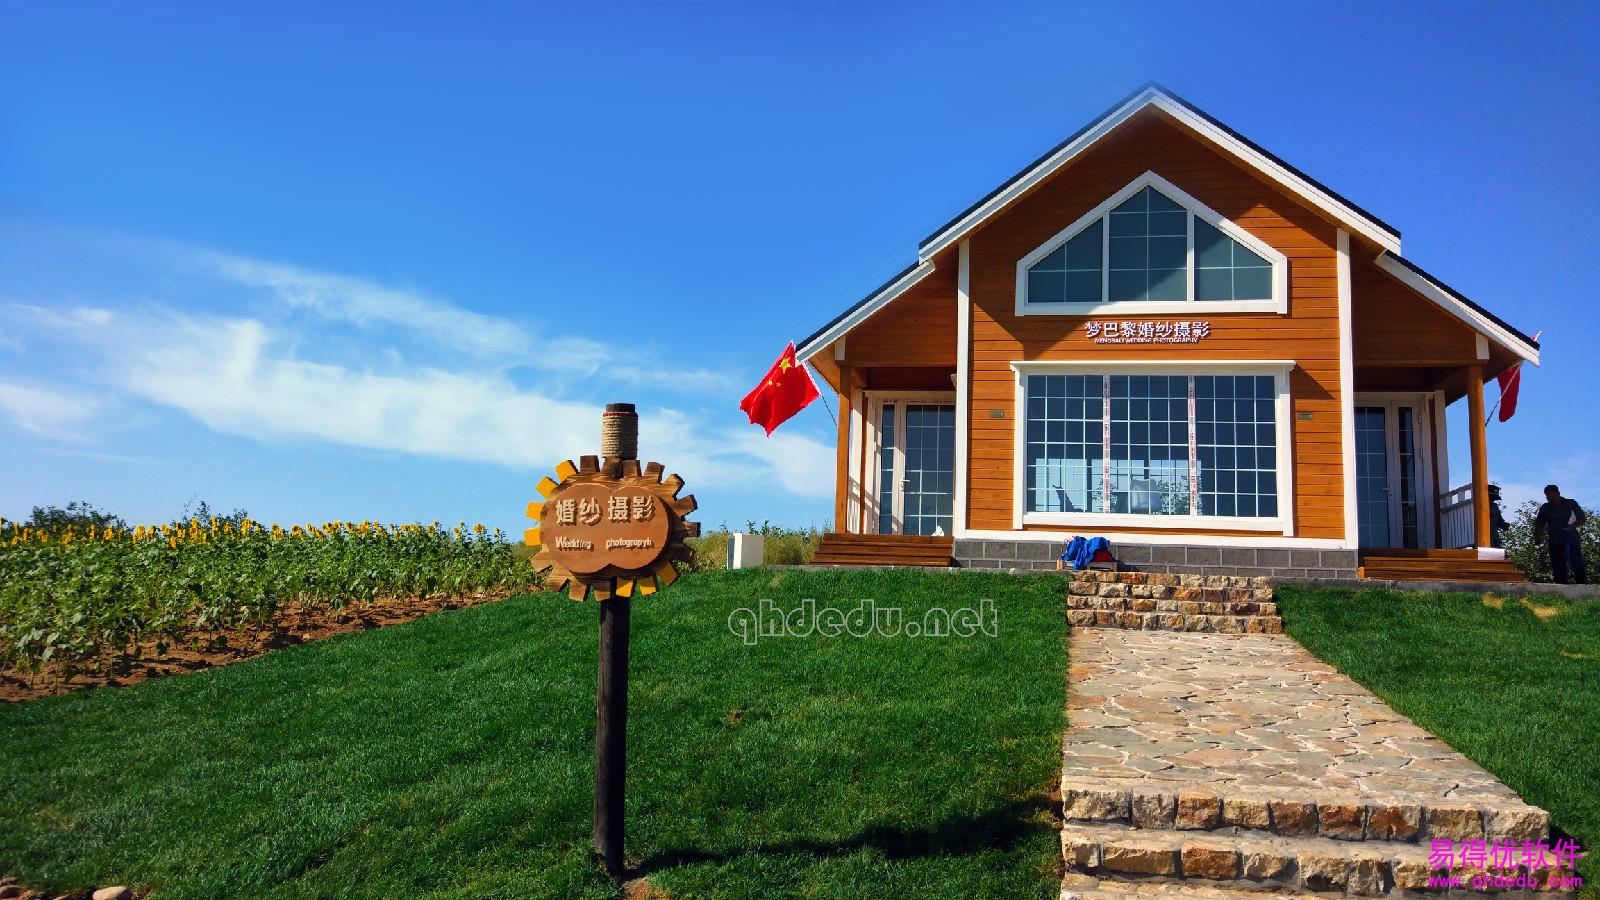 别墅海中的木屋湖雁鸣周围葵花图片